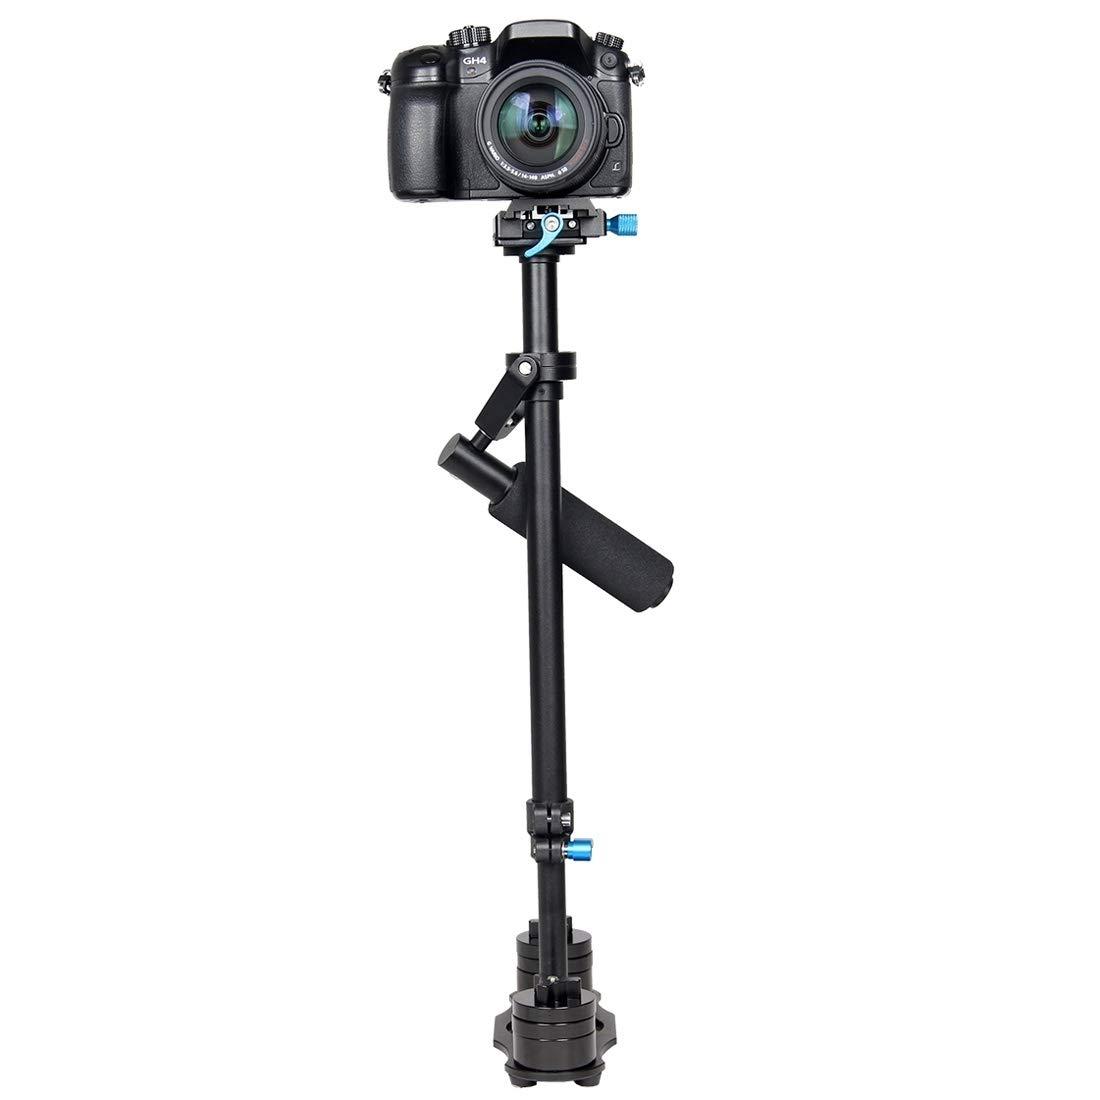 カメラアクセサリー S60L 61cm カーボンファイバーメタル 手持ちスタビライザー デジタル一眼レフカメラ DVカメラ用品   B07R1HXC48